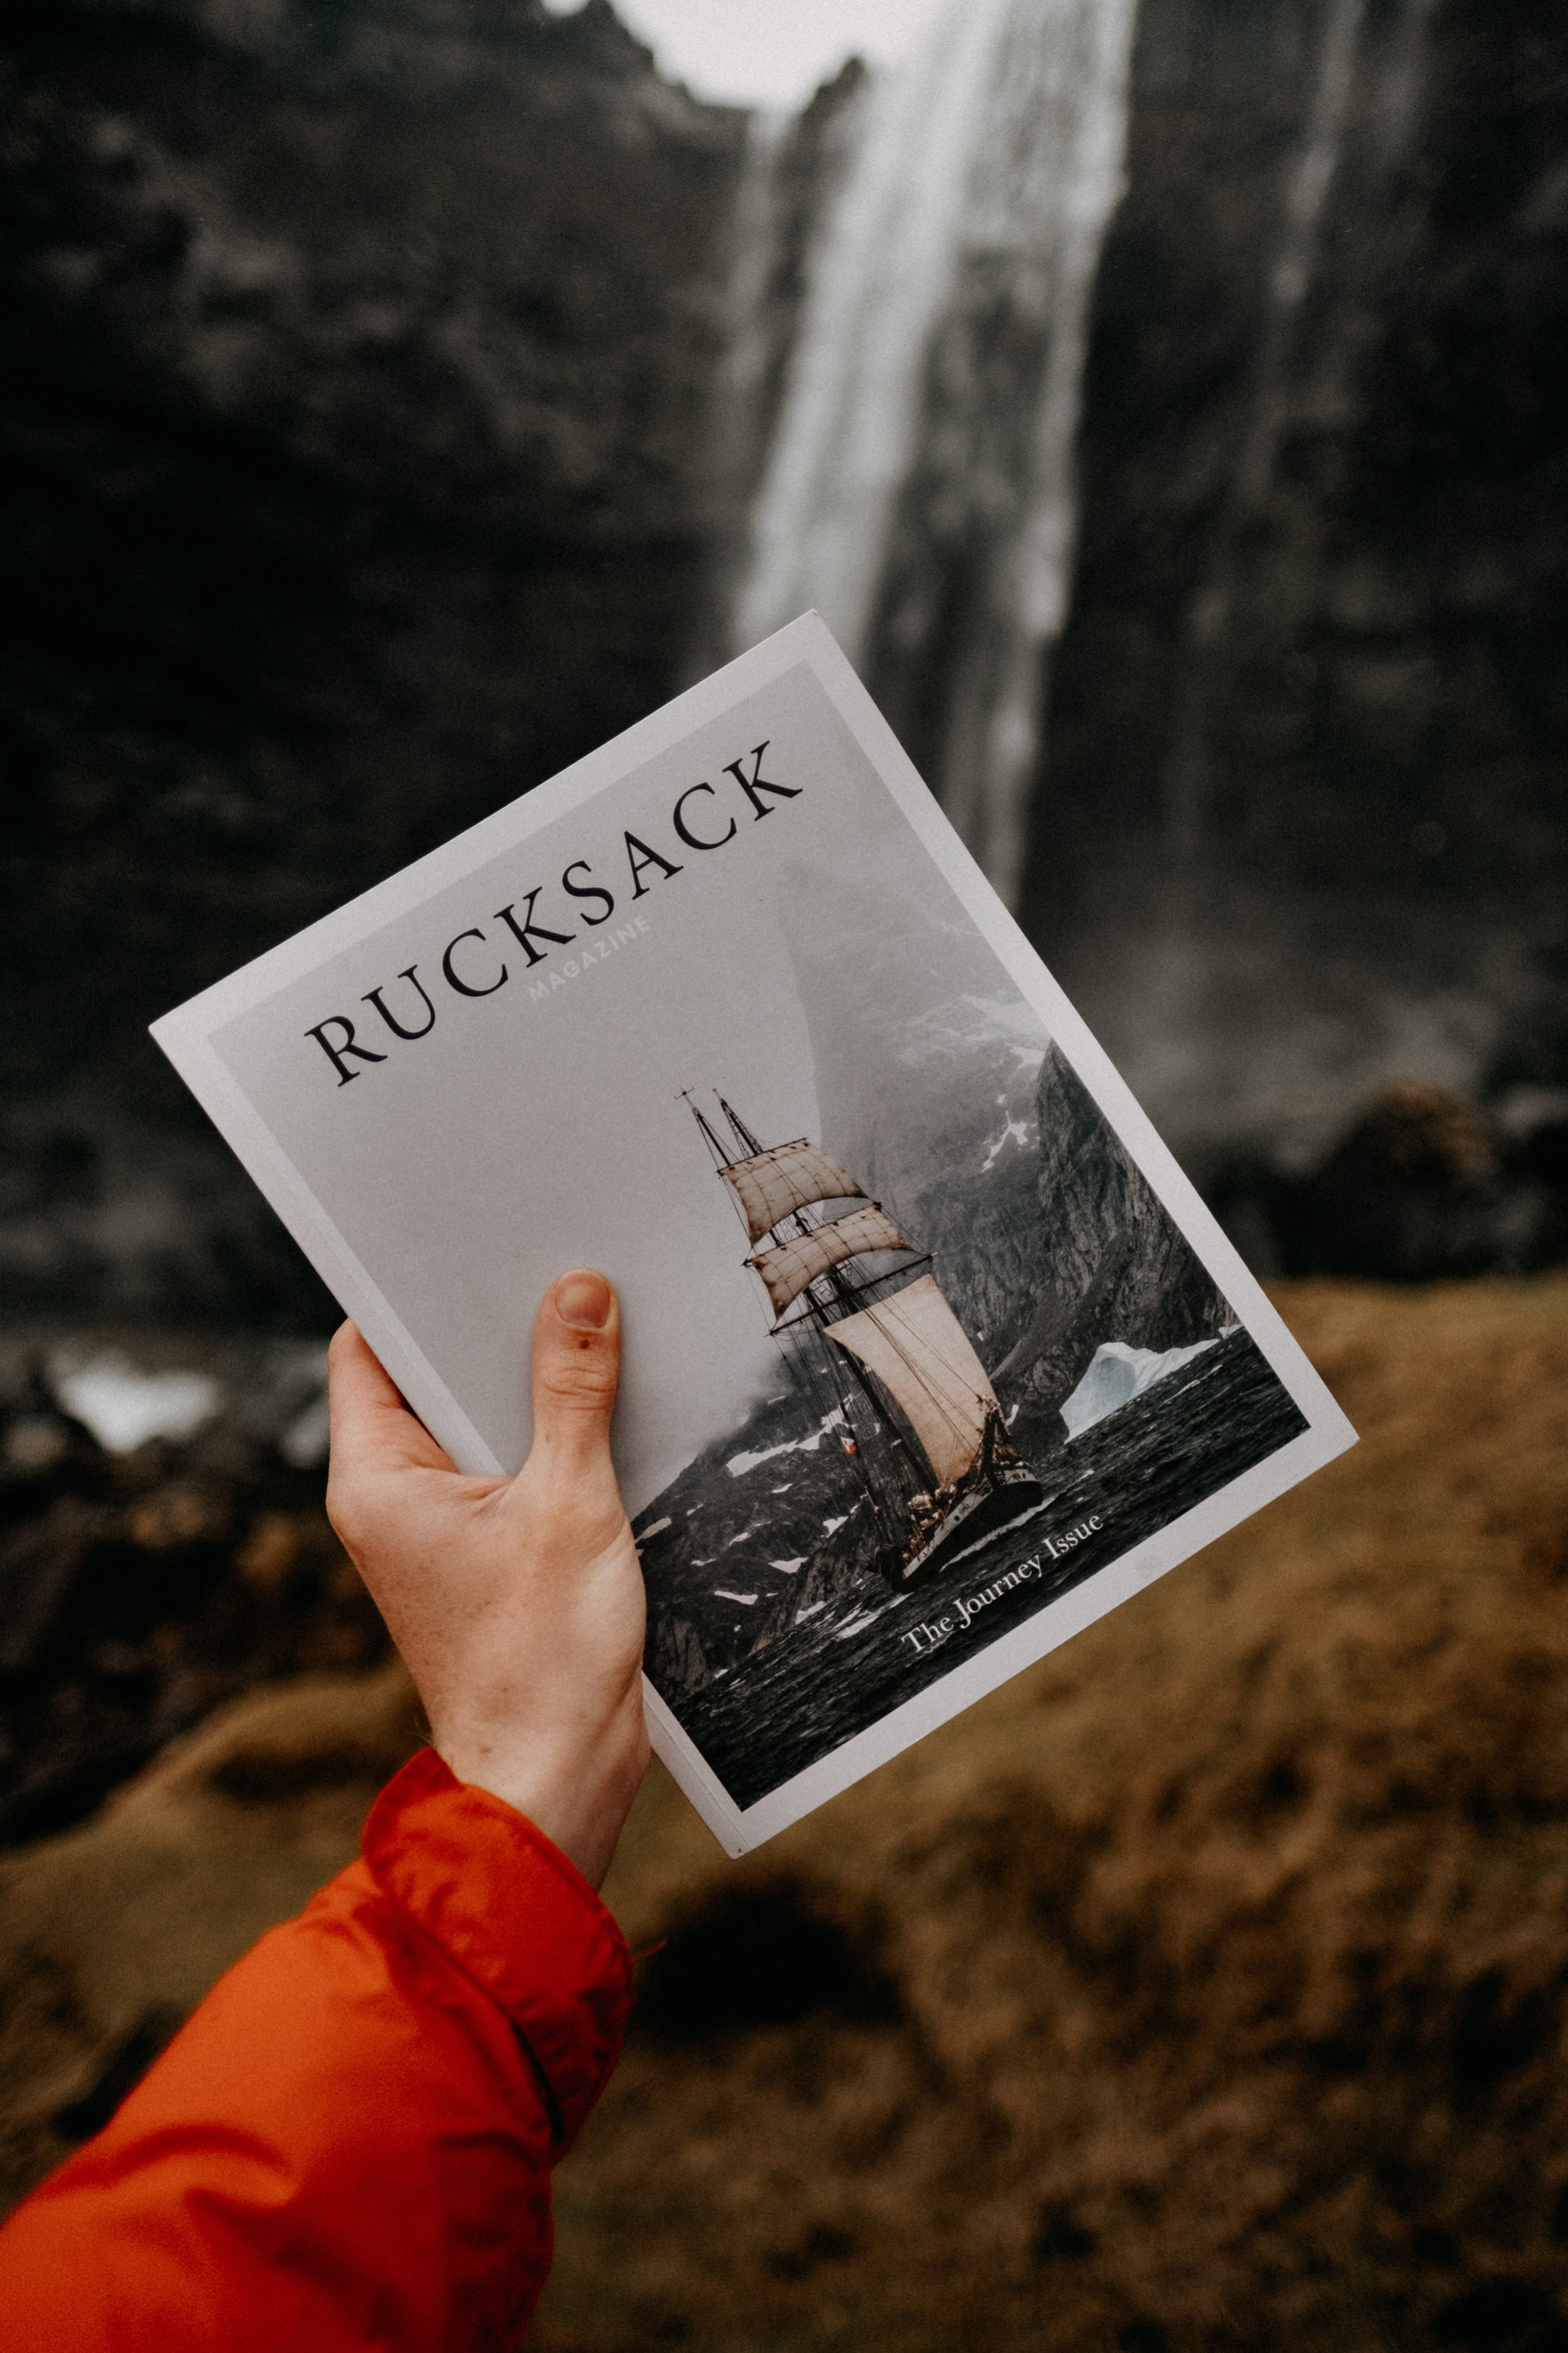 rucksack-magazine-671070-unsplash-e1562321949957.jpg